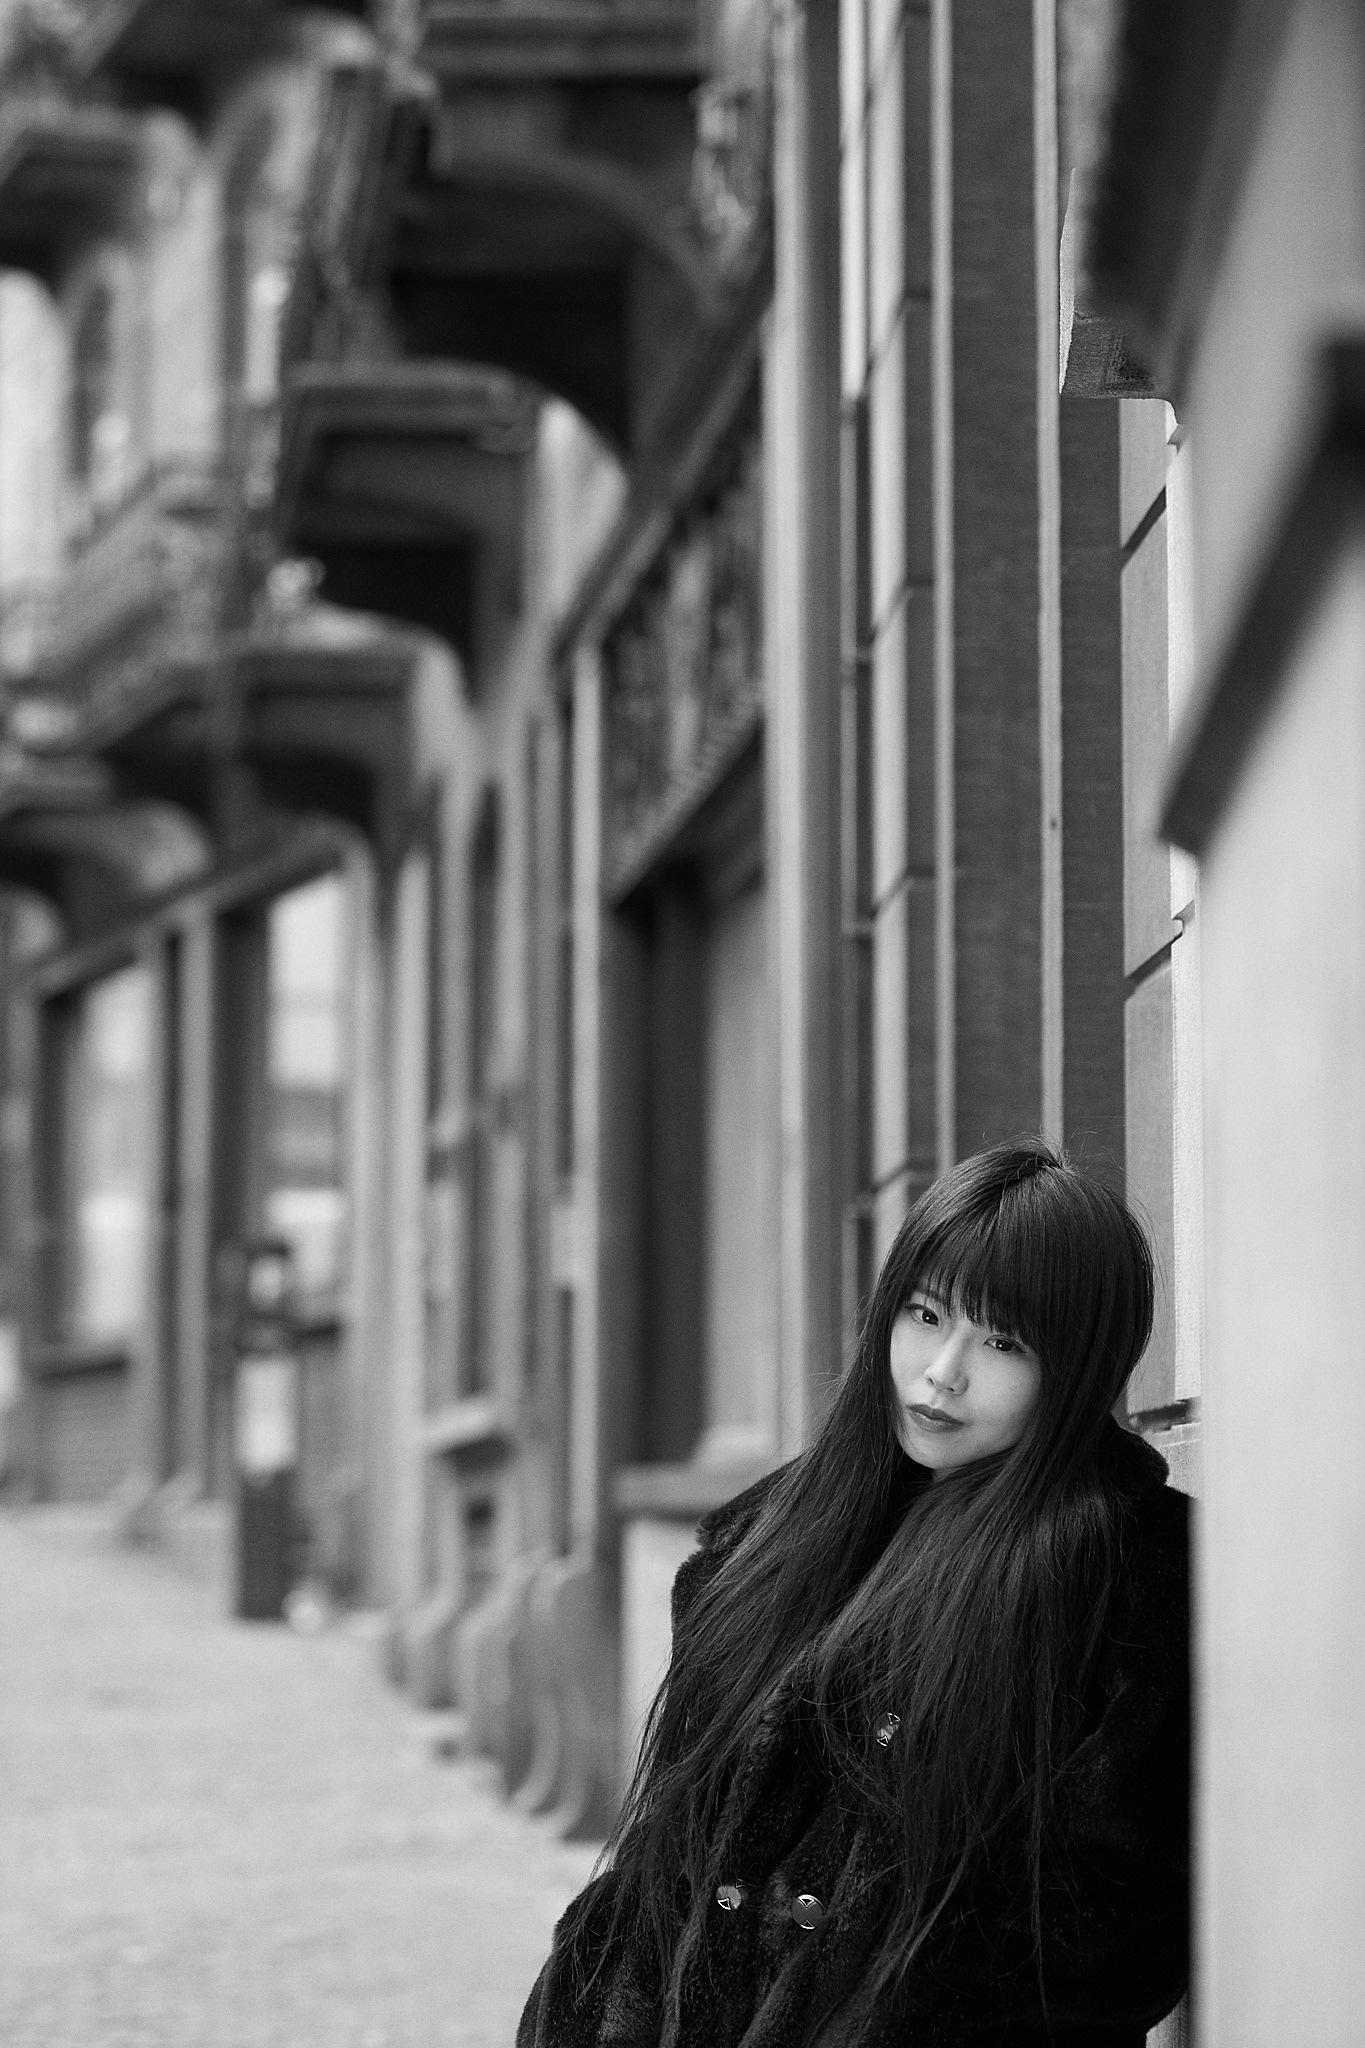 Miyu by Benoit Cattiaux